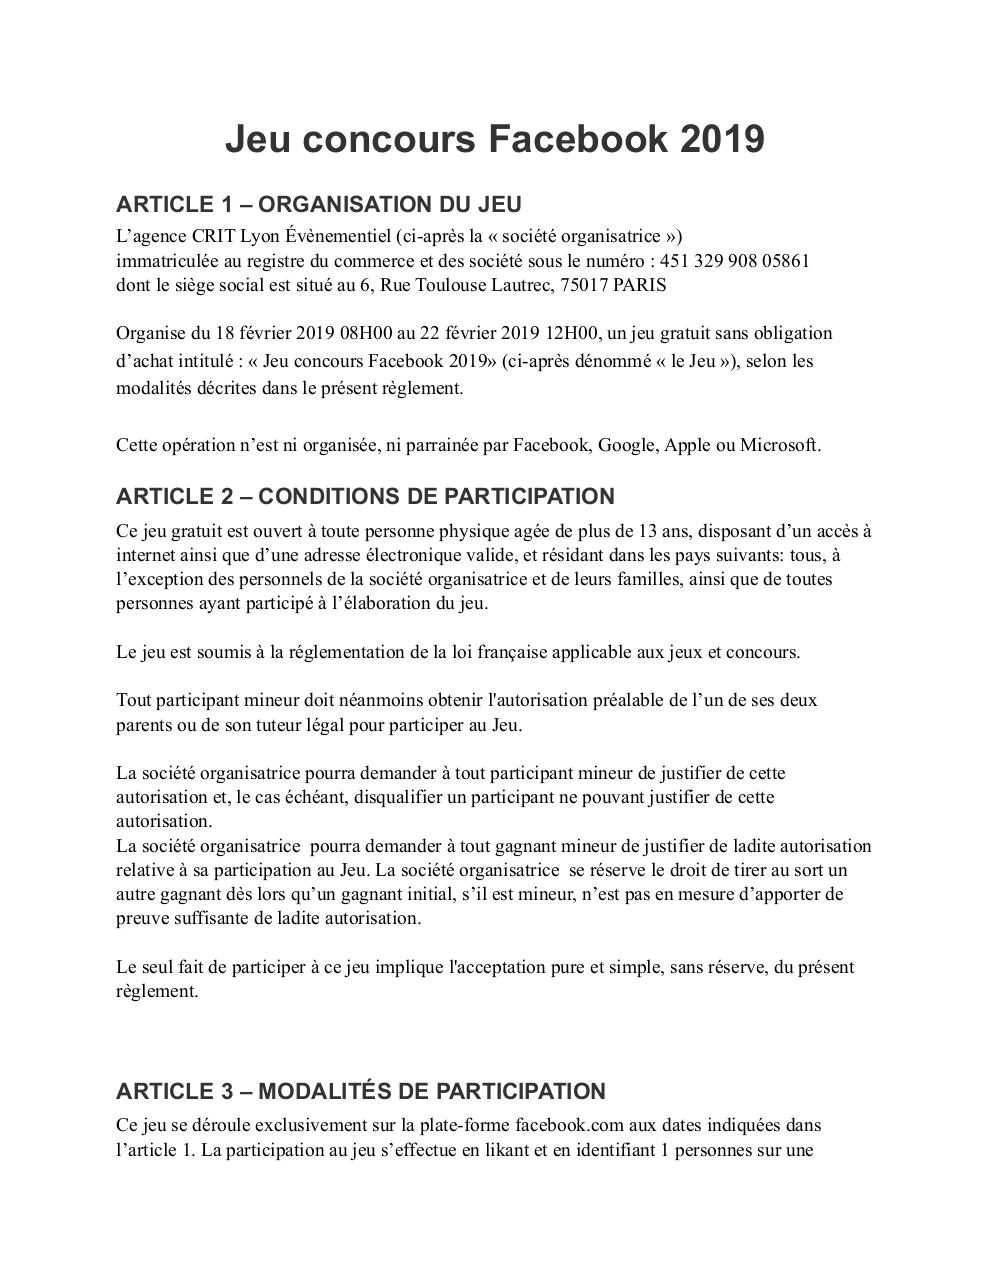 Reglement Jeu Concours Facebook 2019 Fichier Pdf